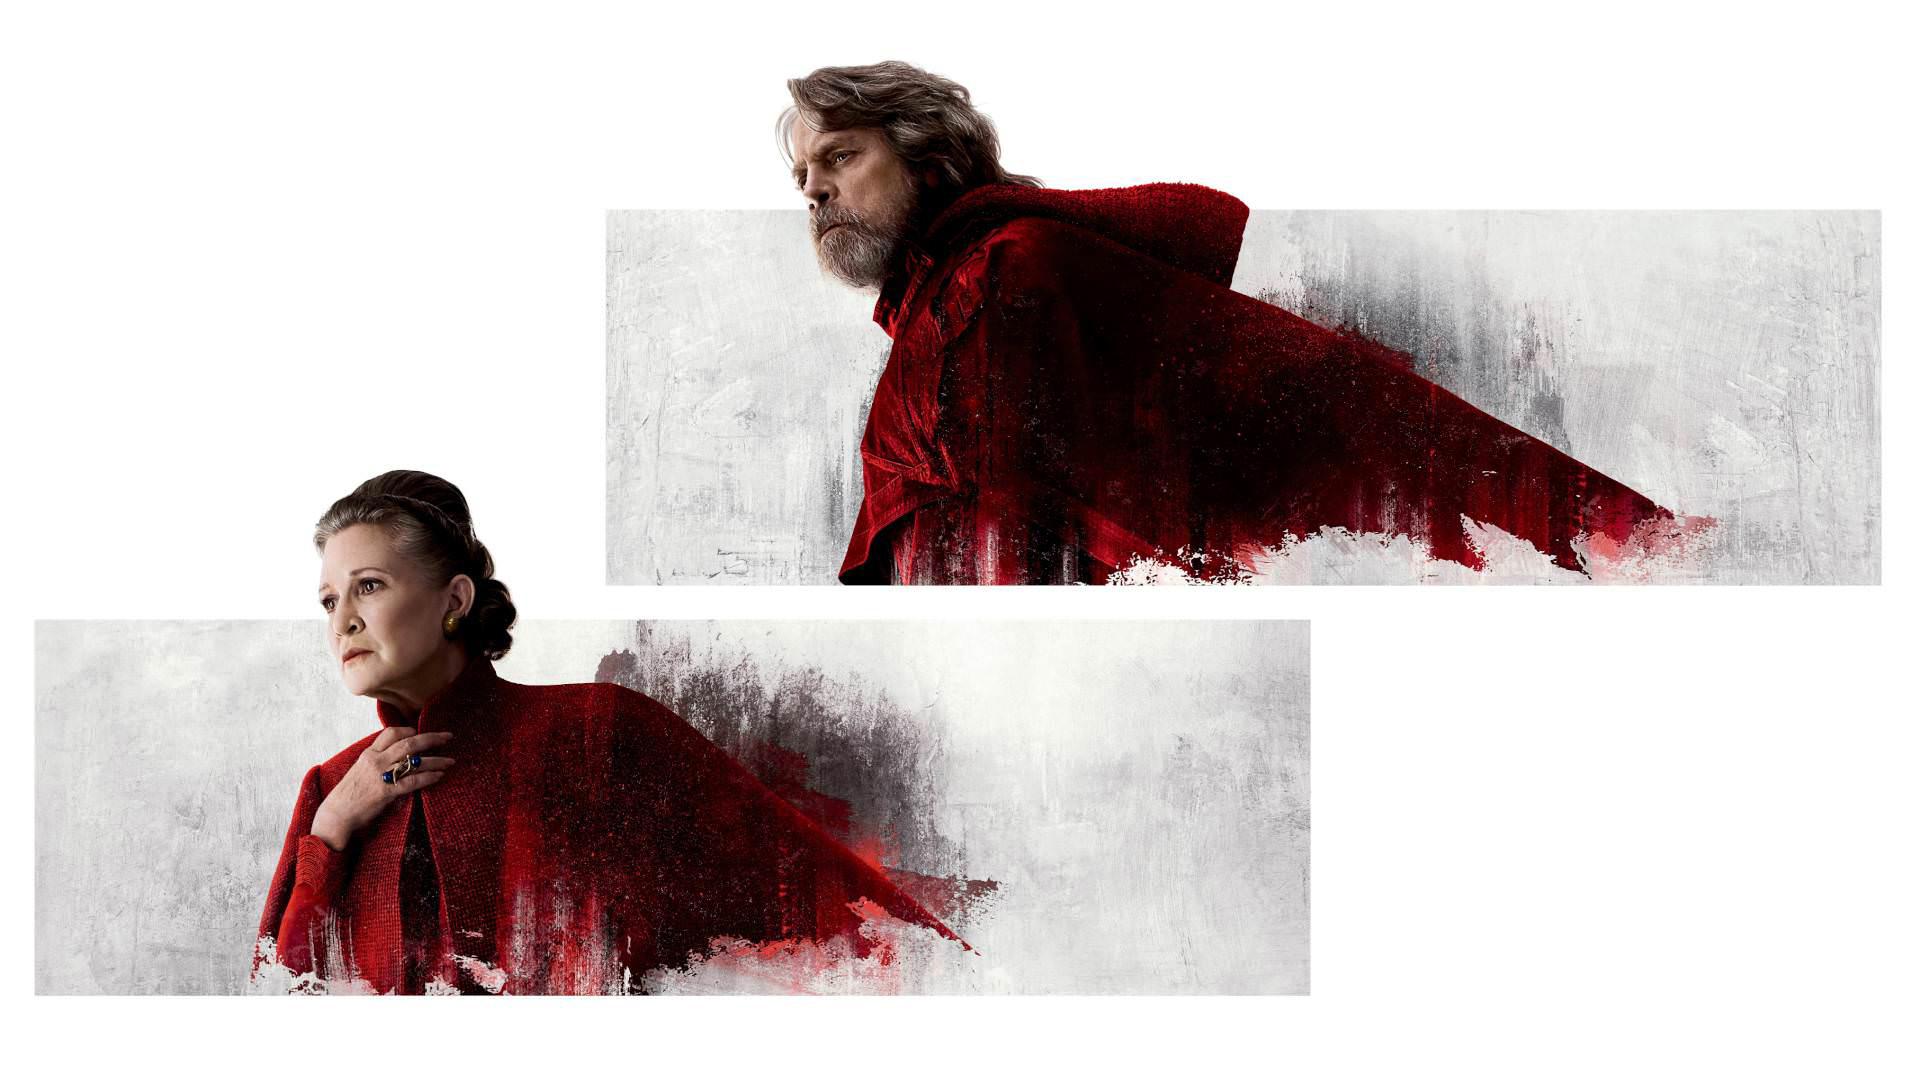 Star Wars The Last Jedi Desktop Wallpaper: Princess Leia And Luke Skywalker In Star Wars The Last